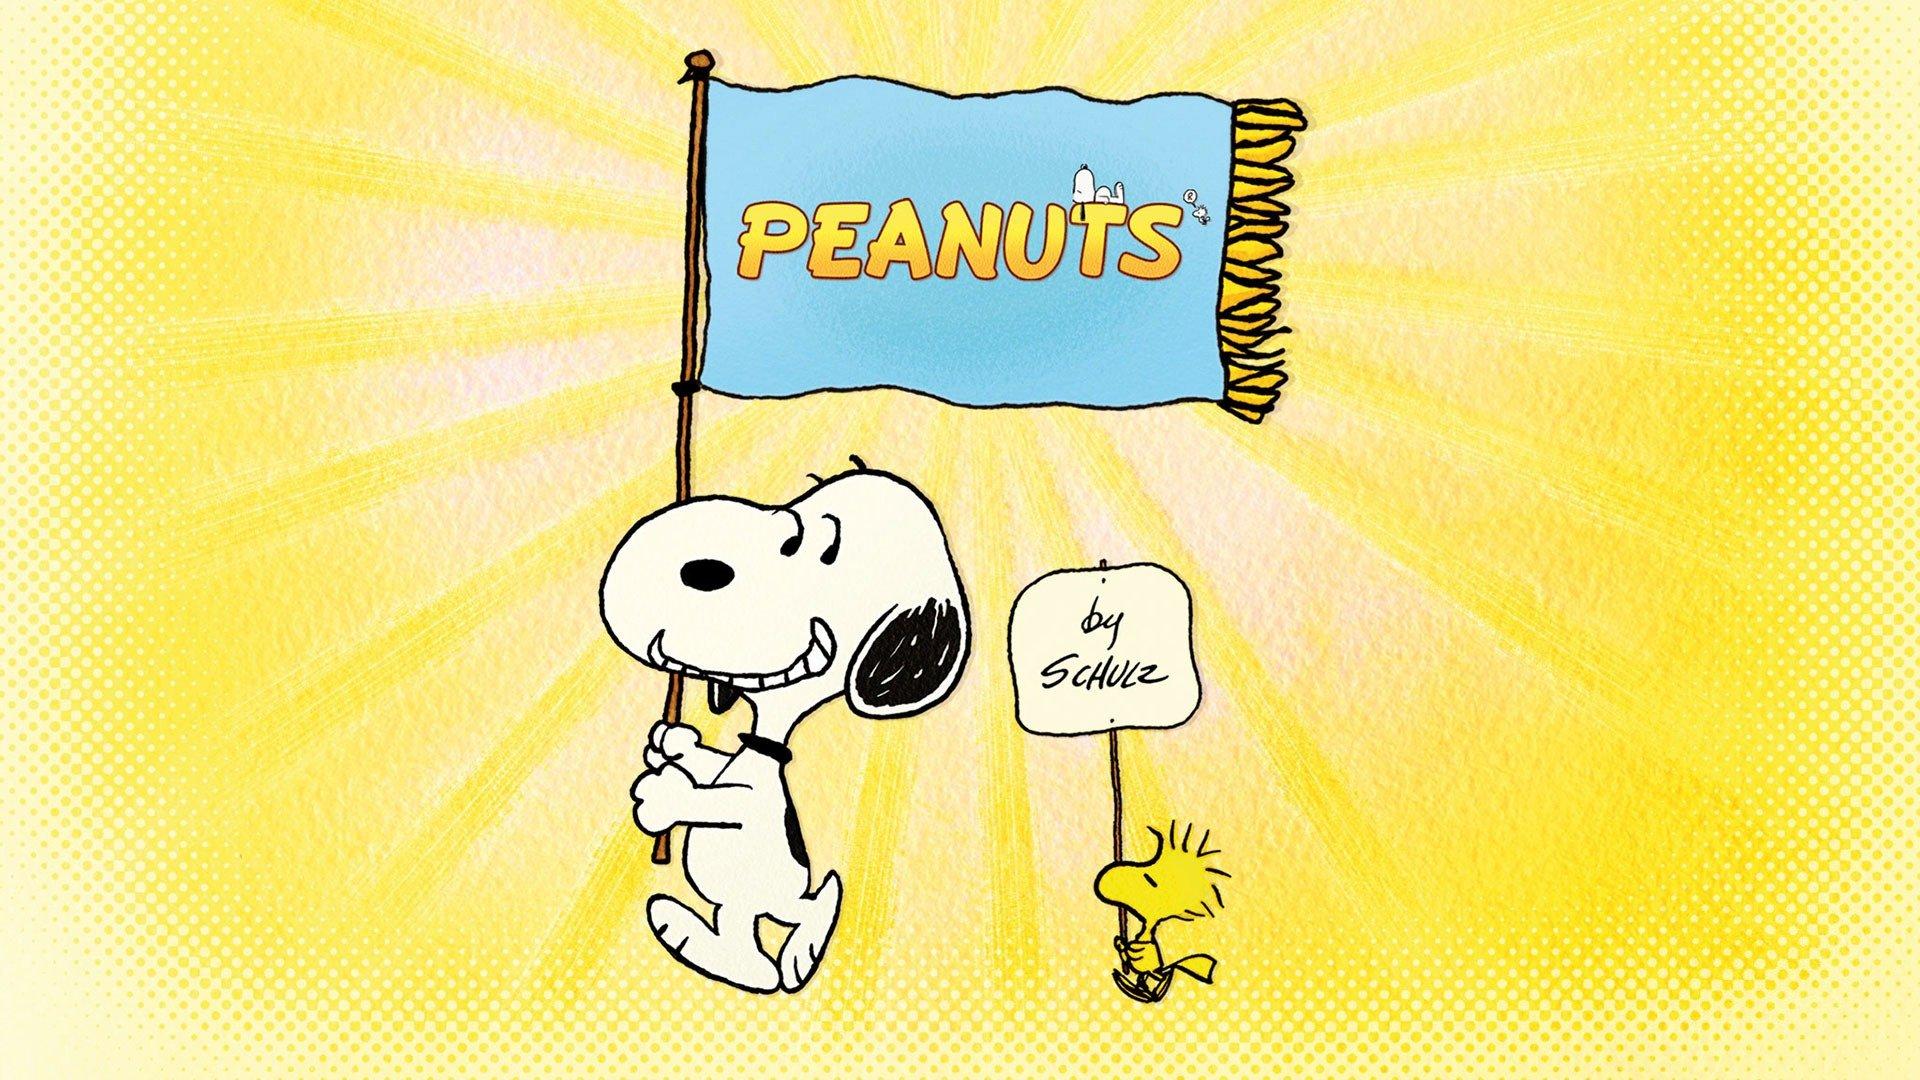 Peanuts -